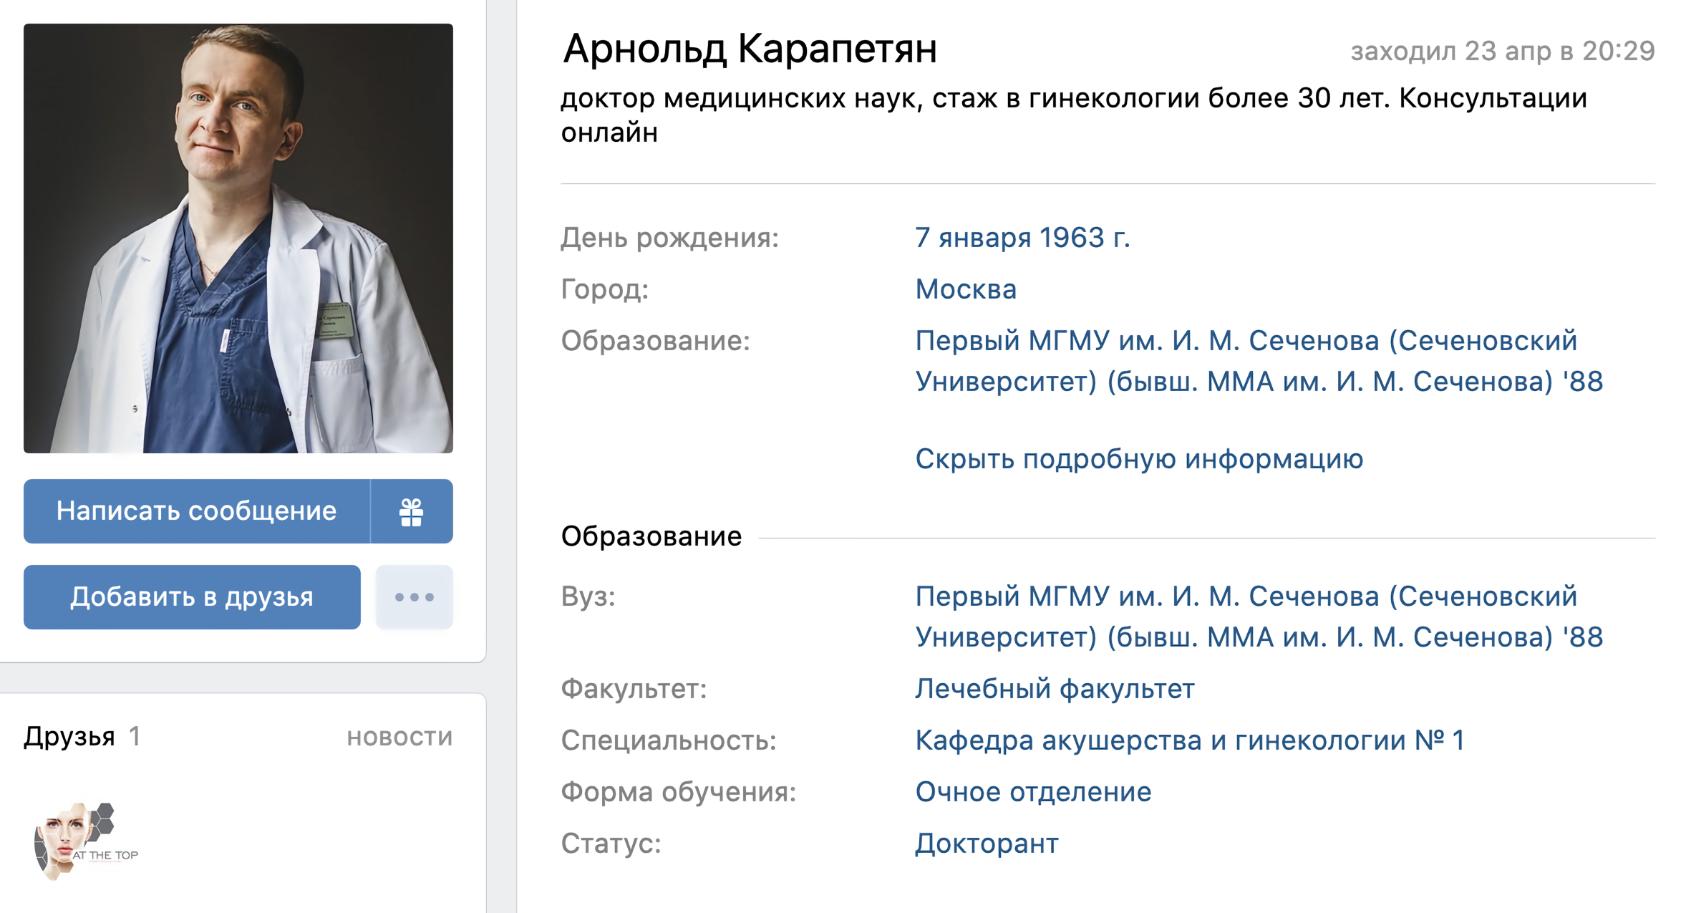 Во Вконтакте у Карапетяна всего один друг, а сама страничка создана меньше месяца назад